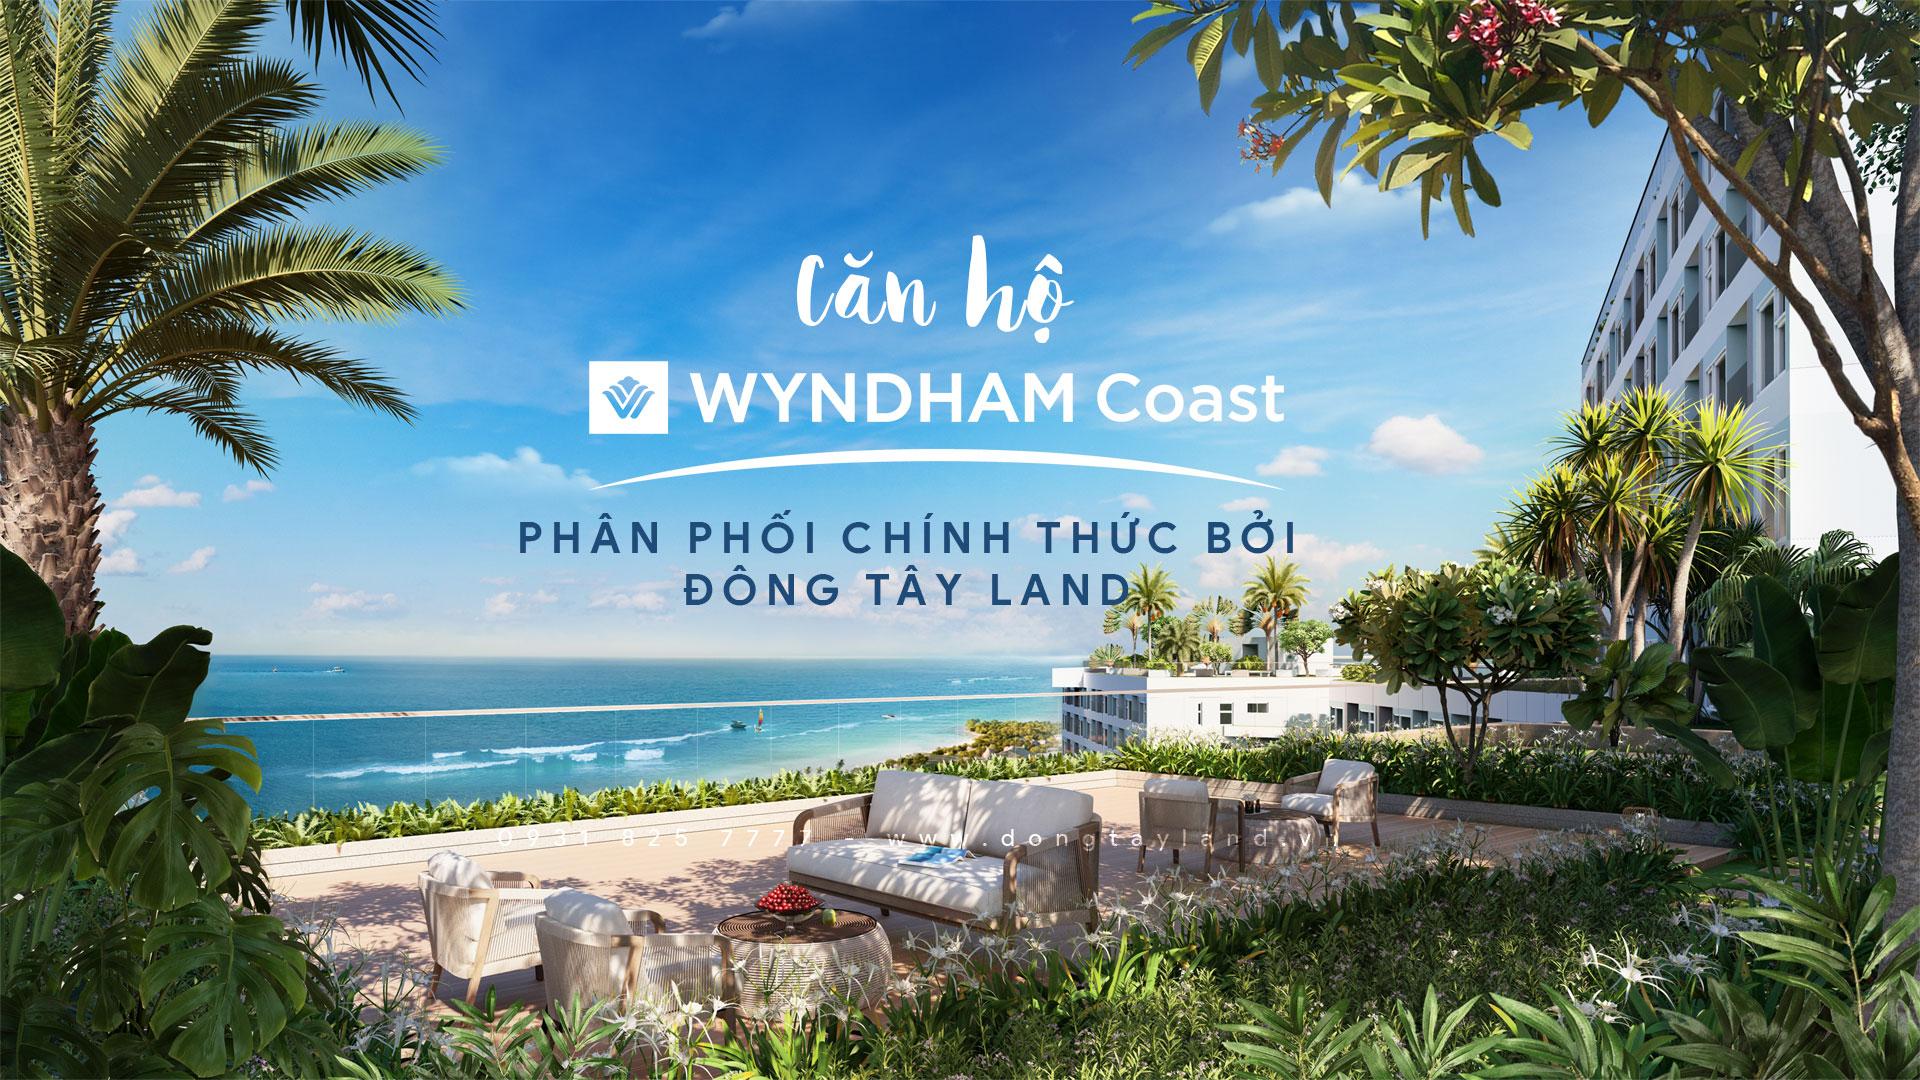 Đông Tây Land phân phối chính thức căn hộ Wyndham Coast by Thanh Long Bay